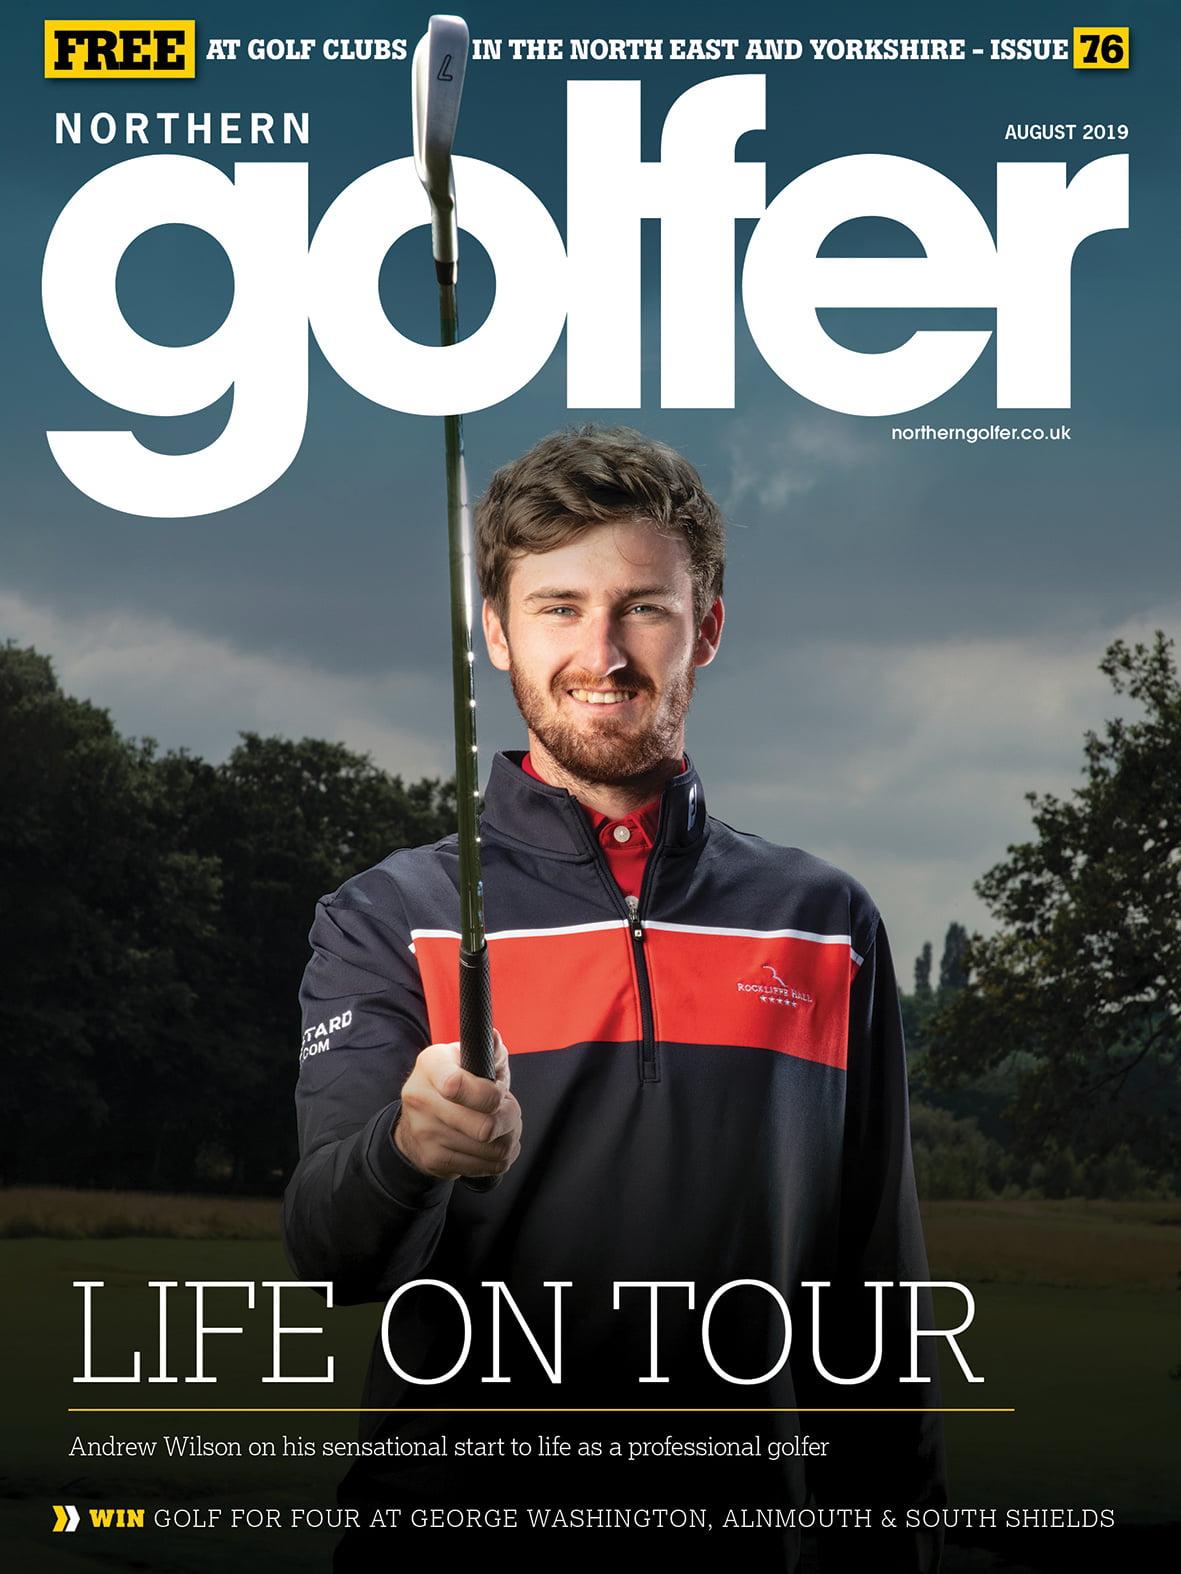 Golfer issue 76 - August 2019